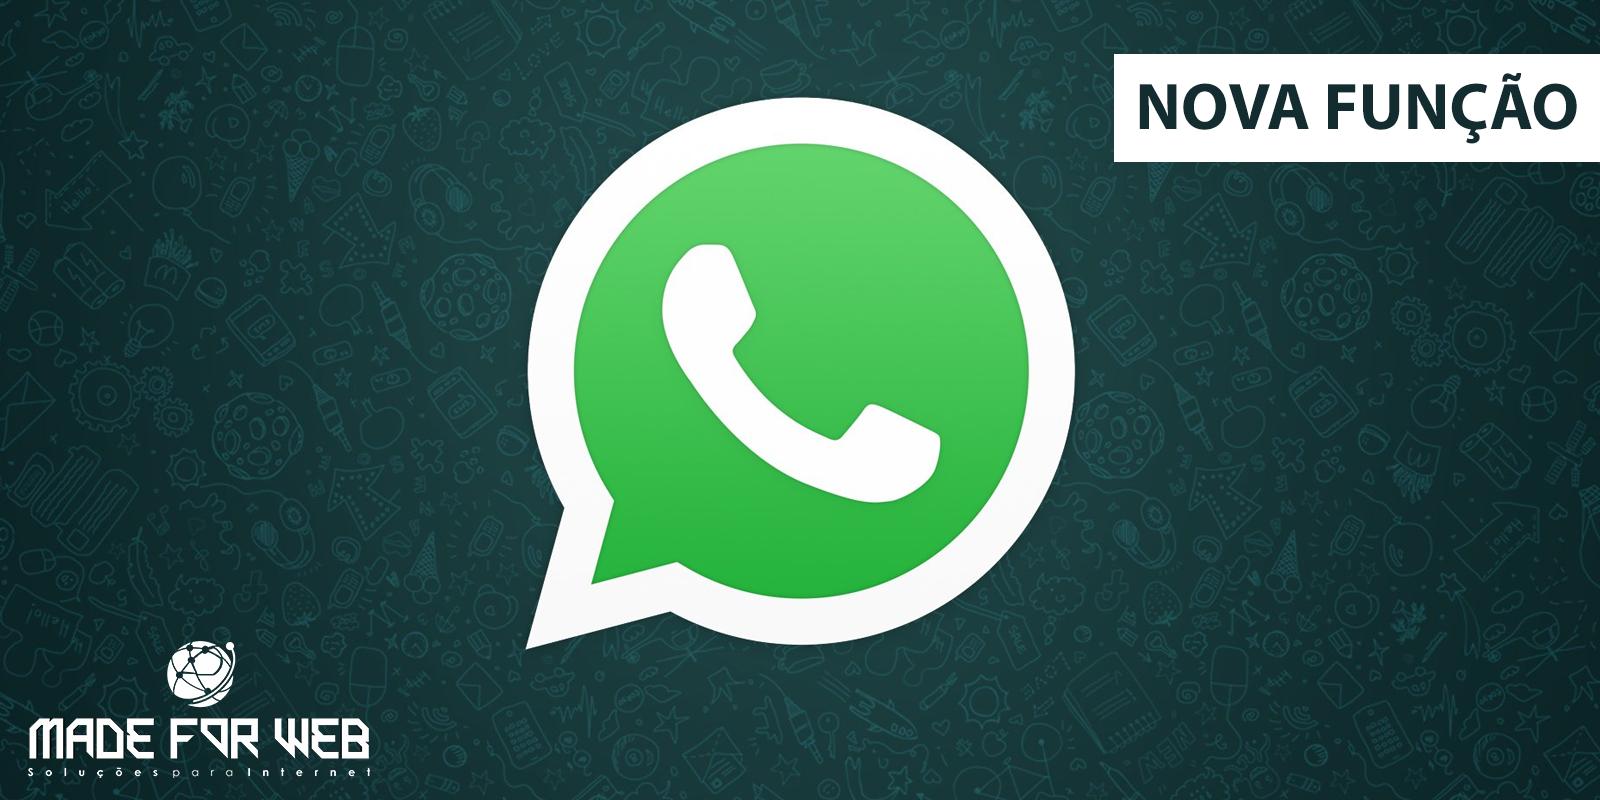 Whatsapp: Nova função permite que ADM's restrinjam o envio de mensagens no grupo